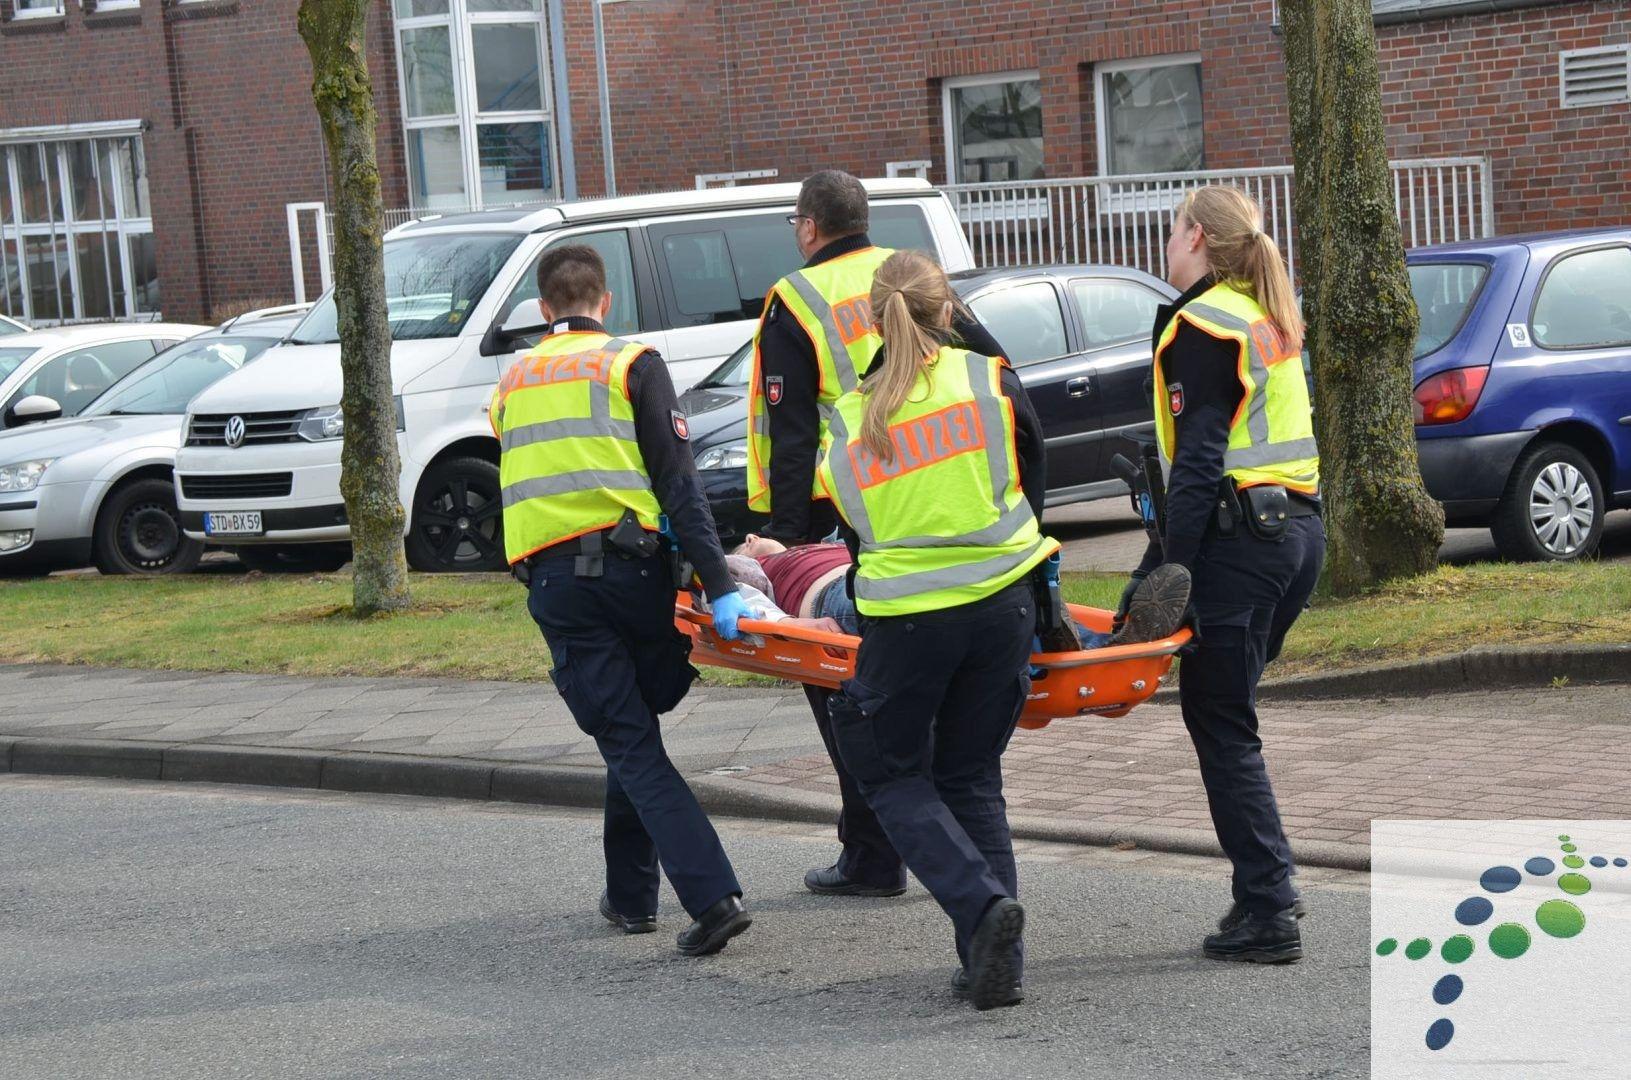 Polizei Und Rettungsdienst Uben Lebensbedrohliche Einsatzlage In